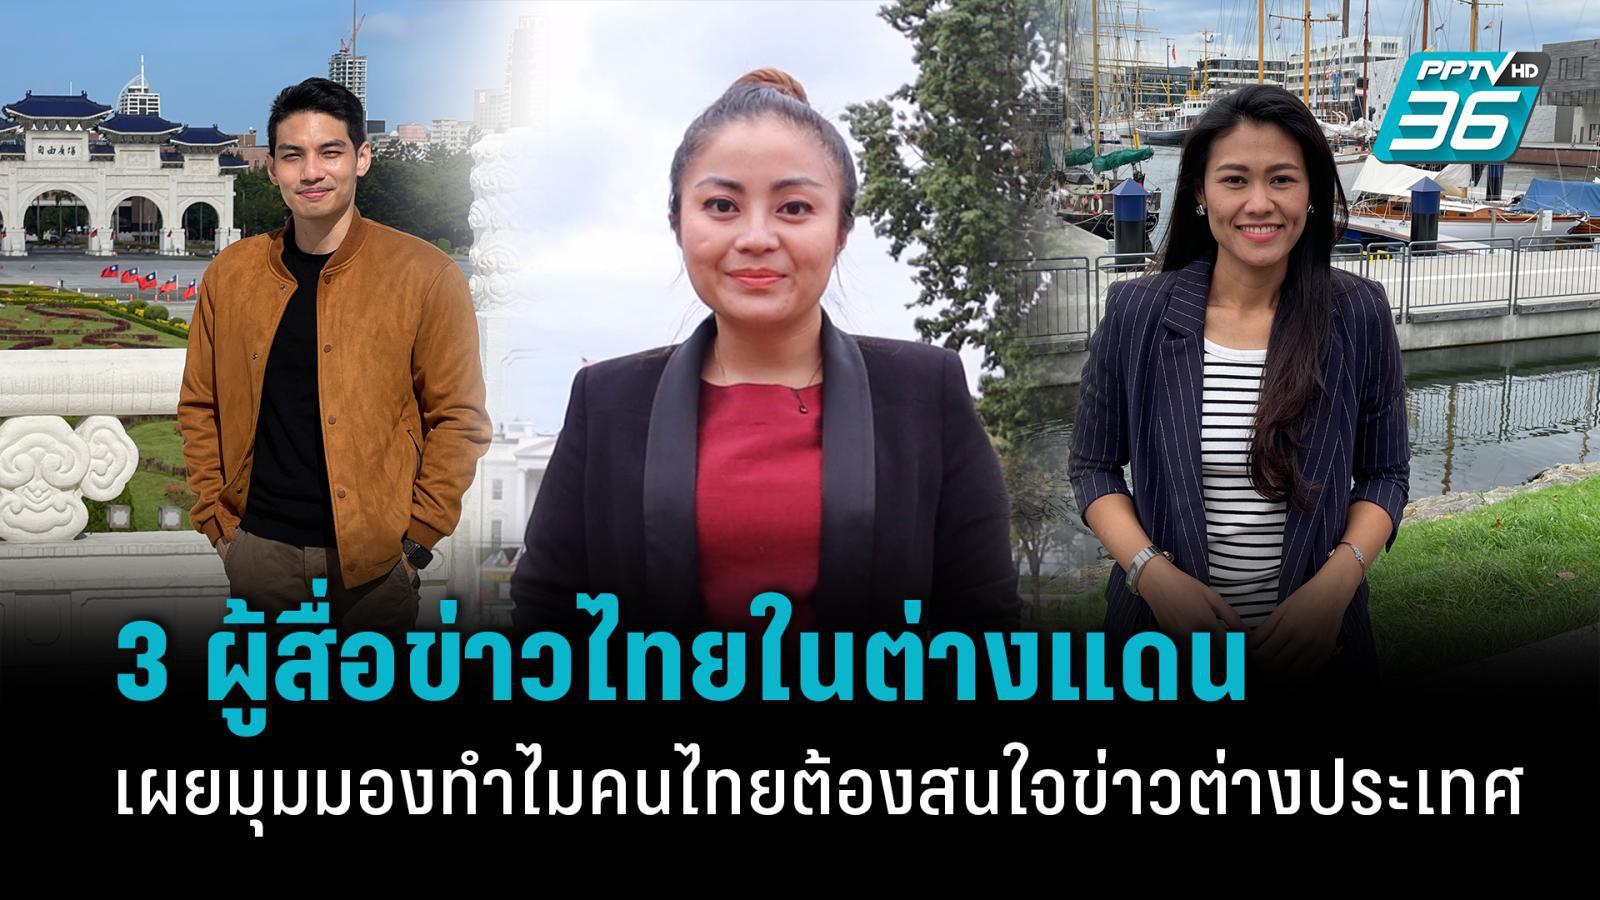 3 ผู้สื่อข่าวไทยของพีพีทีวีในต่างแดนเผยมุมมองว่าทำไมคนไทยต้องสนใจข่าวต่างประเทศ